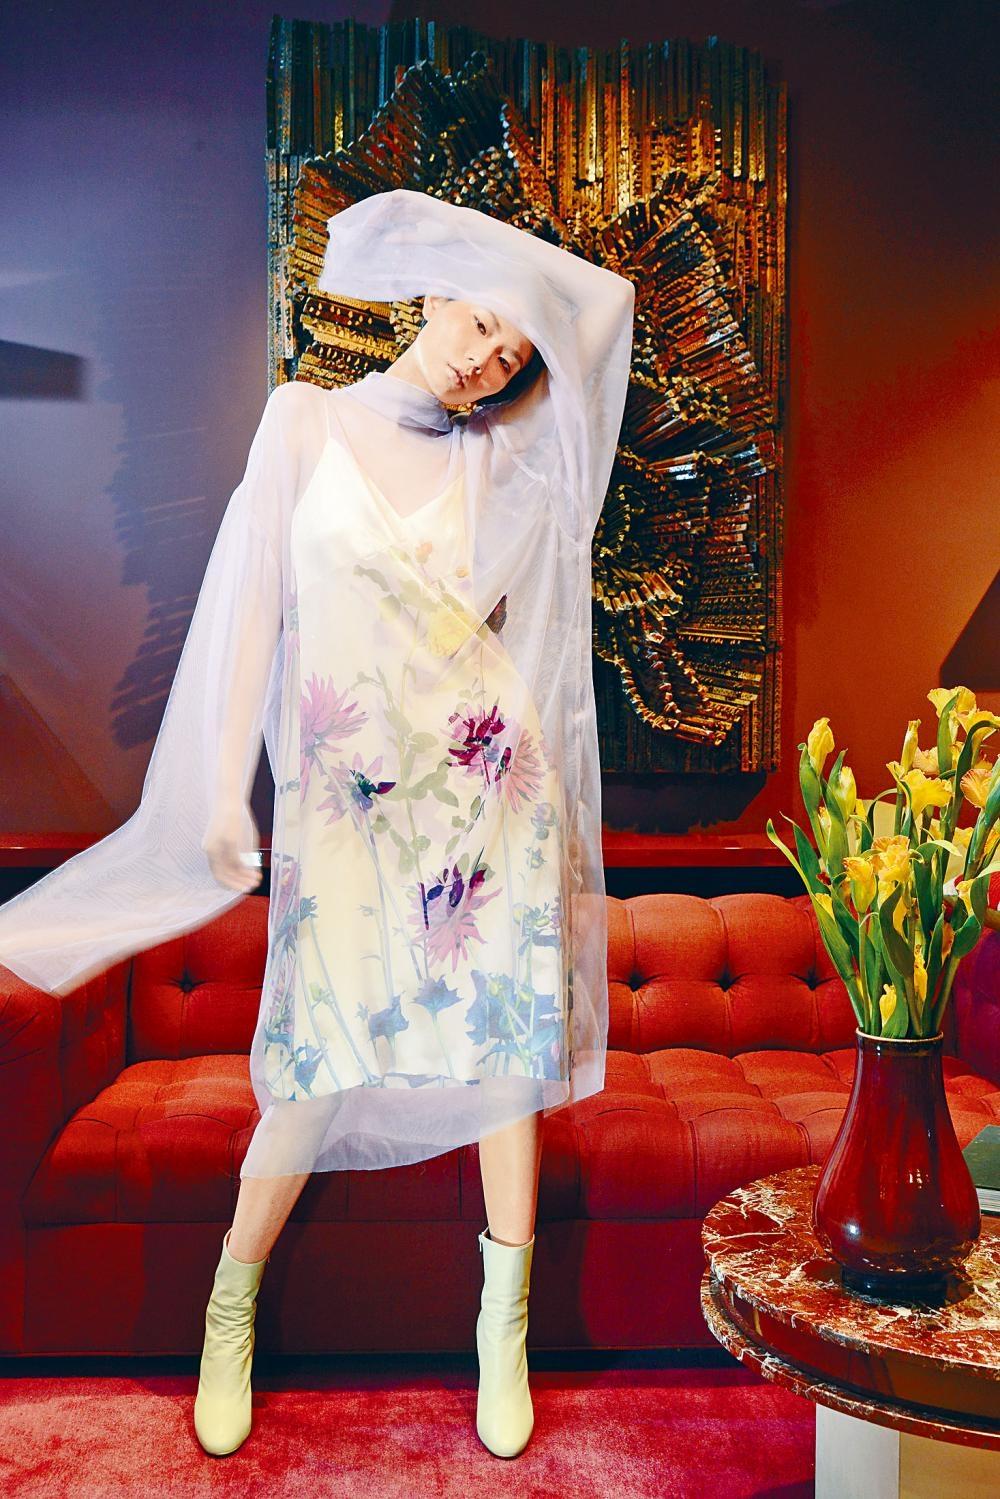 花朵圖案吊帶黃色連身裙/$8,500、飾以花卉圖案的薰衣草紫色網紗透視長袖連身裙/$11,900、淺綠色短靴。